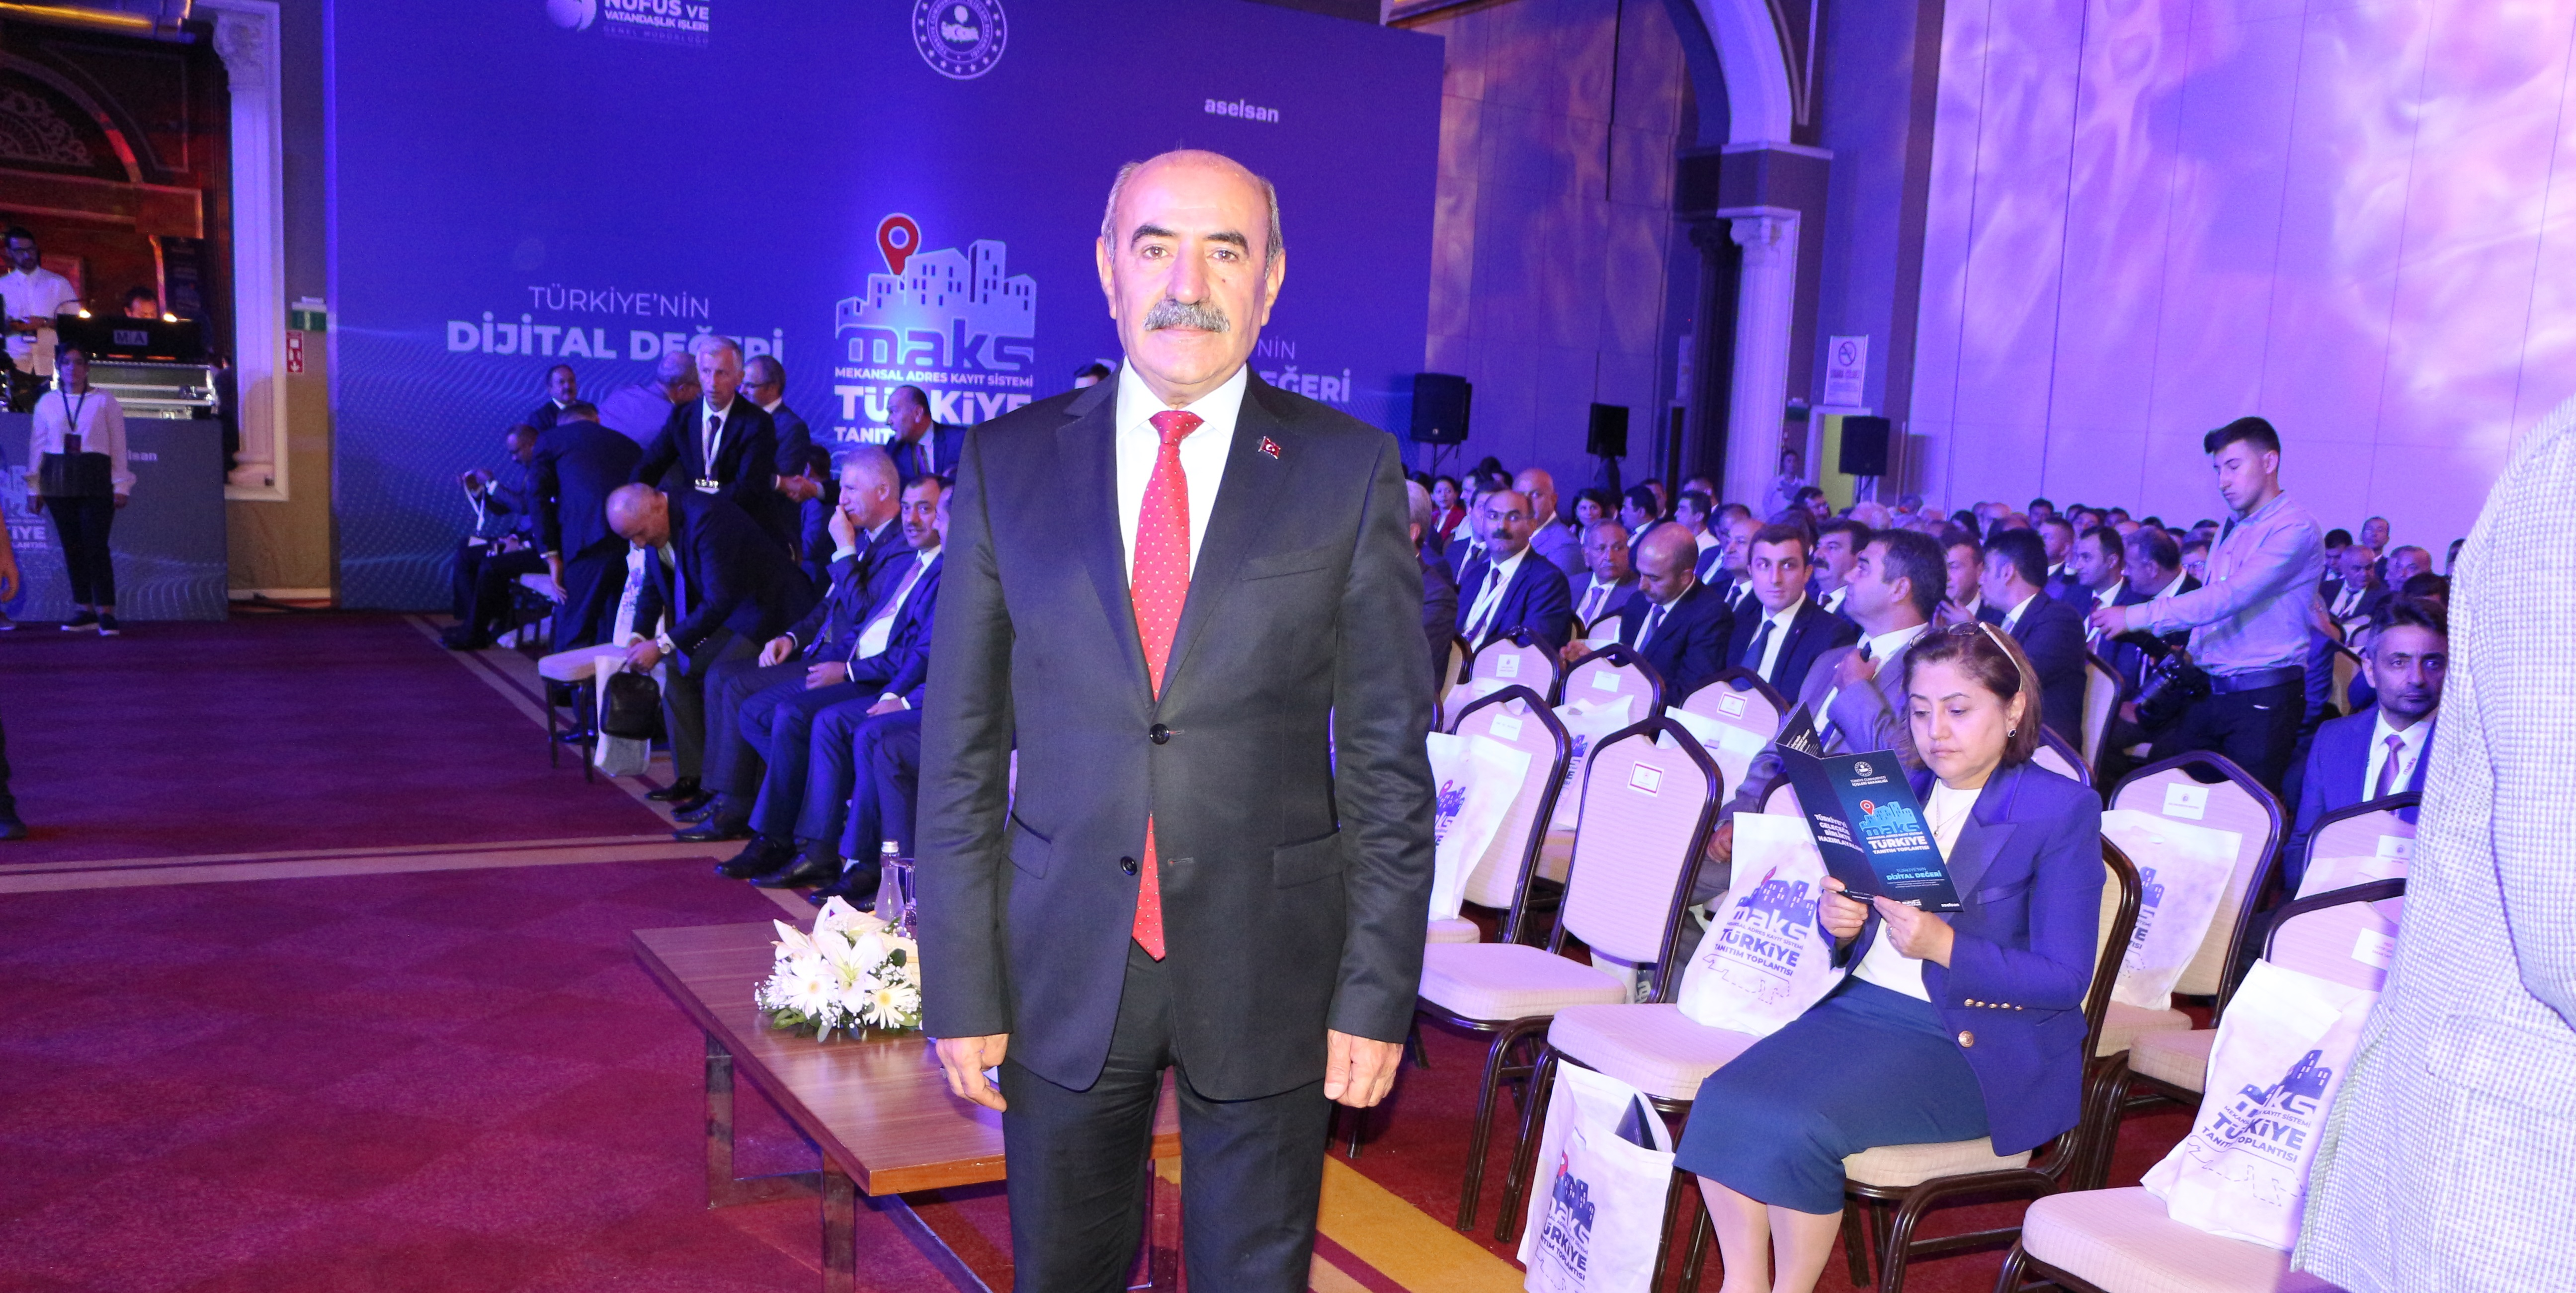 Mekansal Adres Kayıt Sistemi'nin (MAKS) Türkiye Toplantısı İzmir'de gerçekleştirildi.